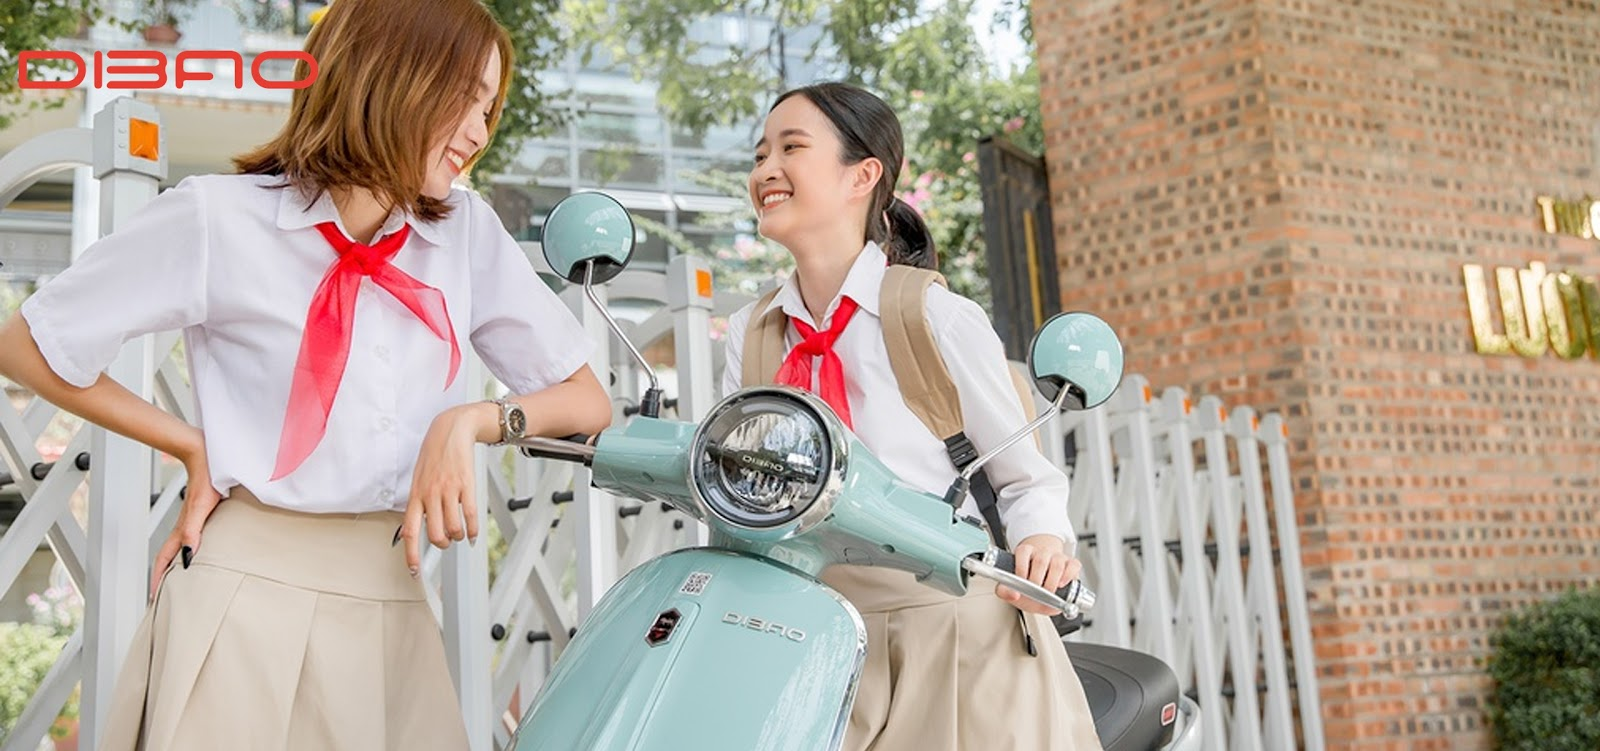 Dibao Tesla là mẫu xe máy điện phù hợp với các bạn học sinh